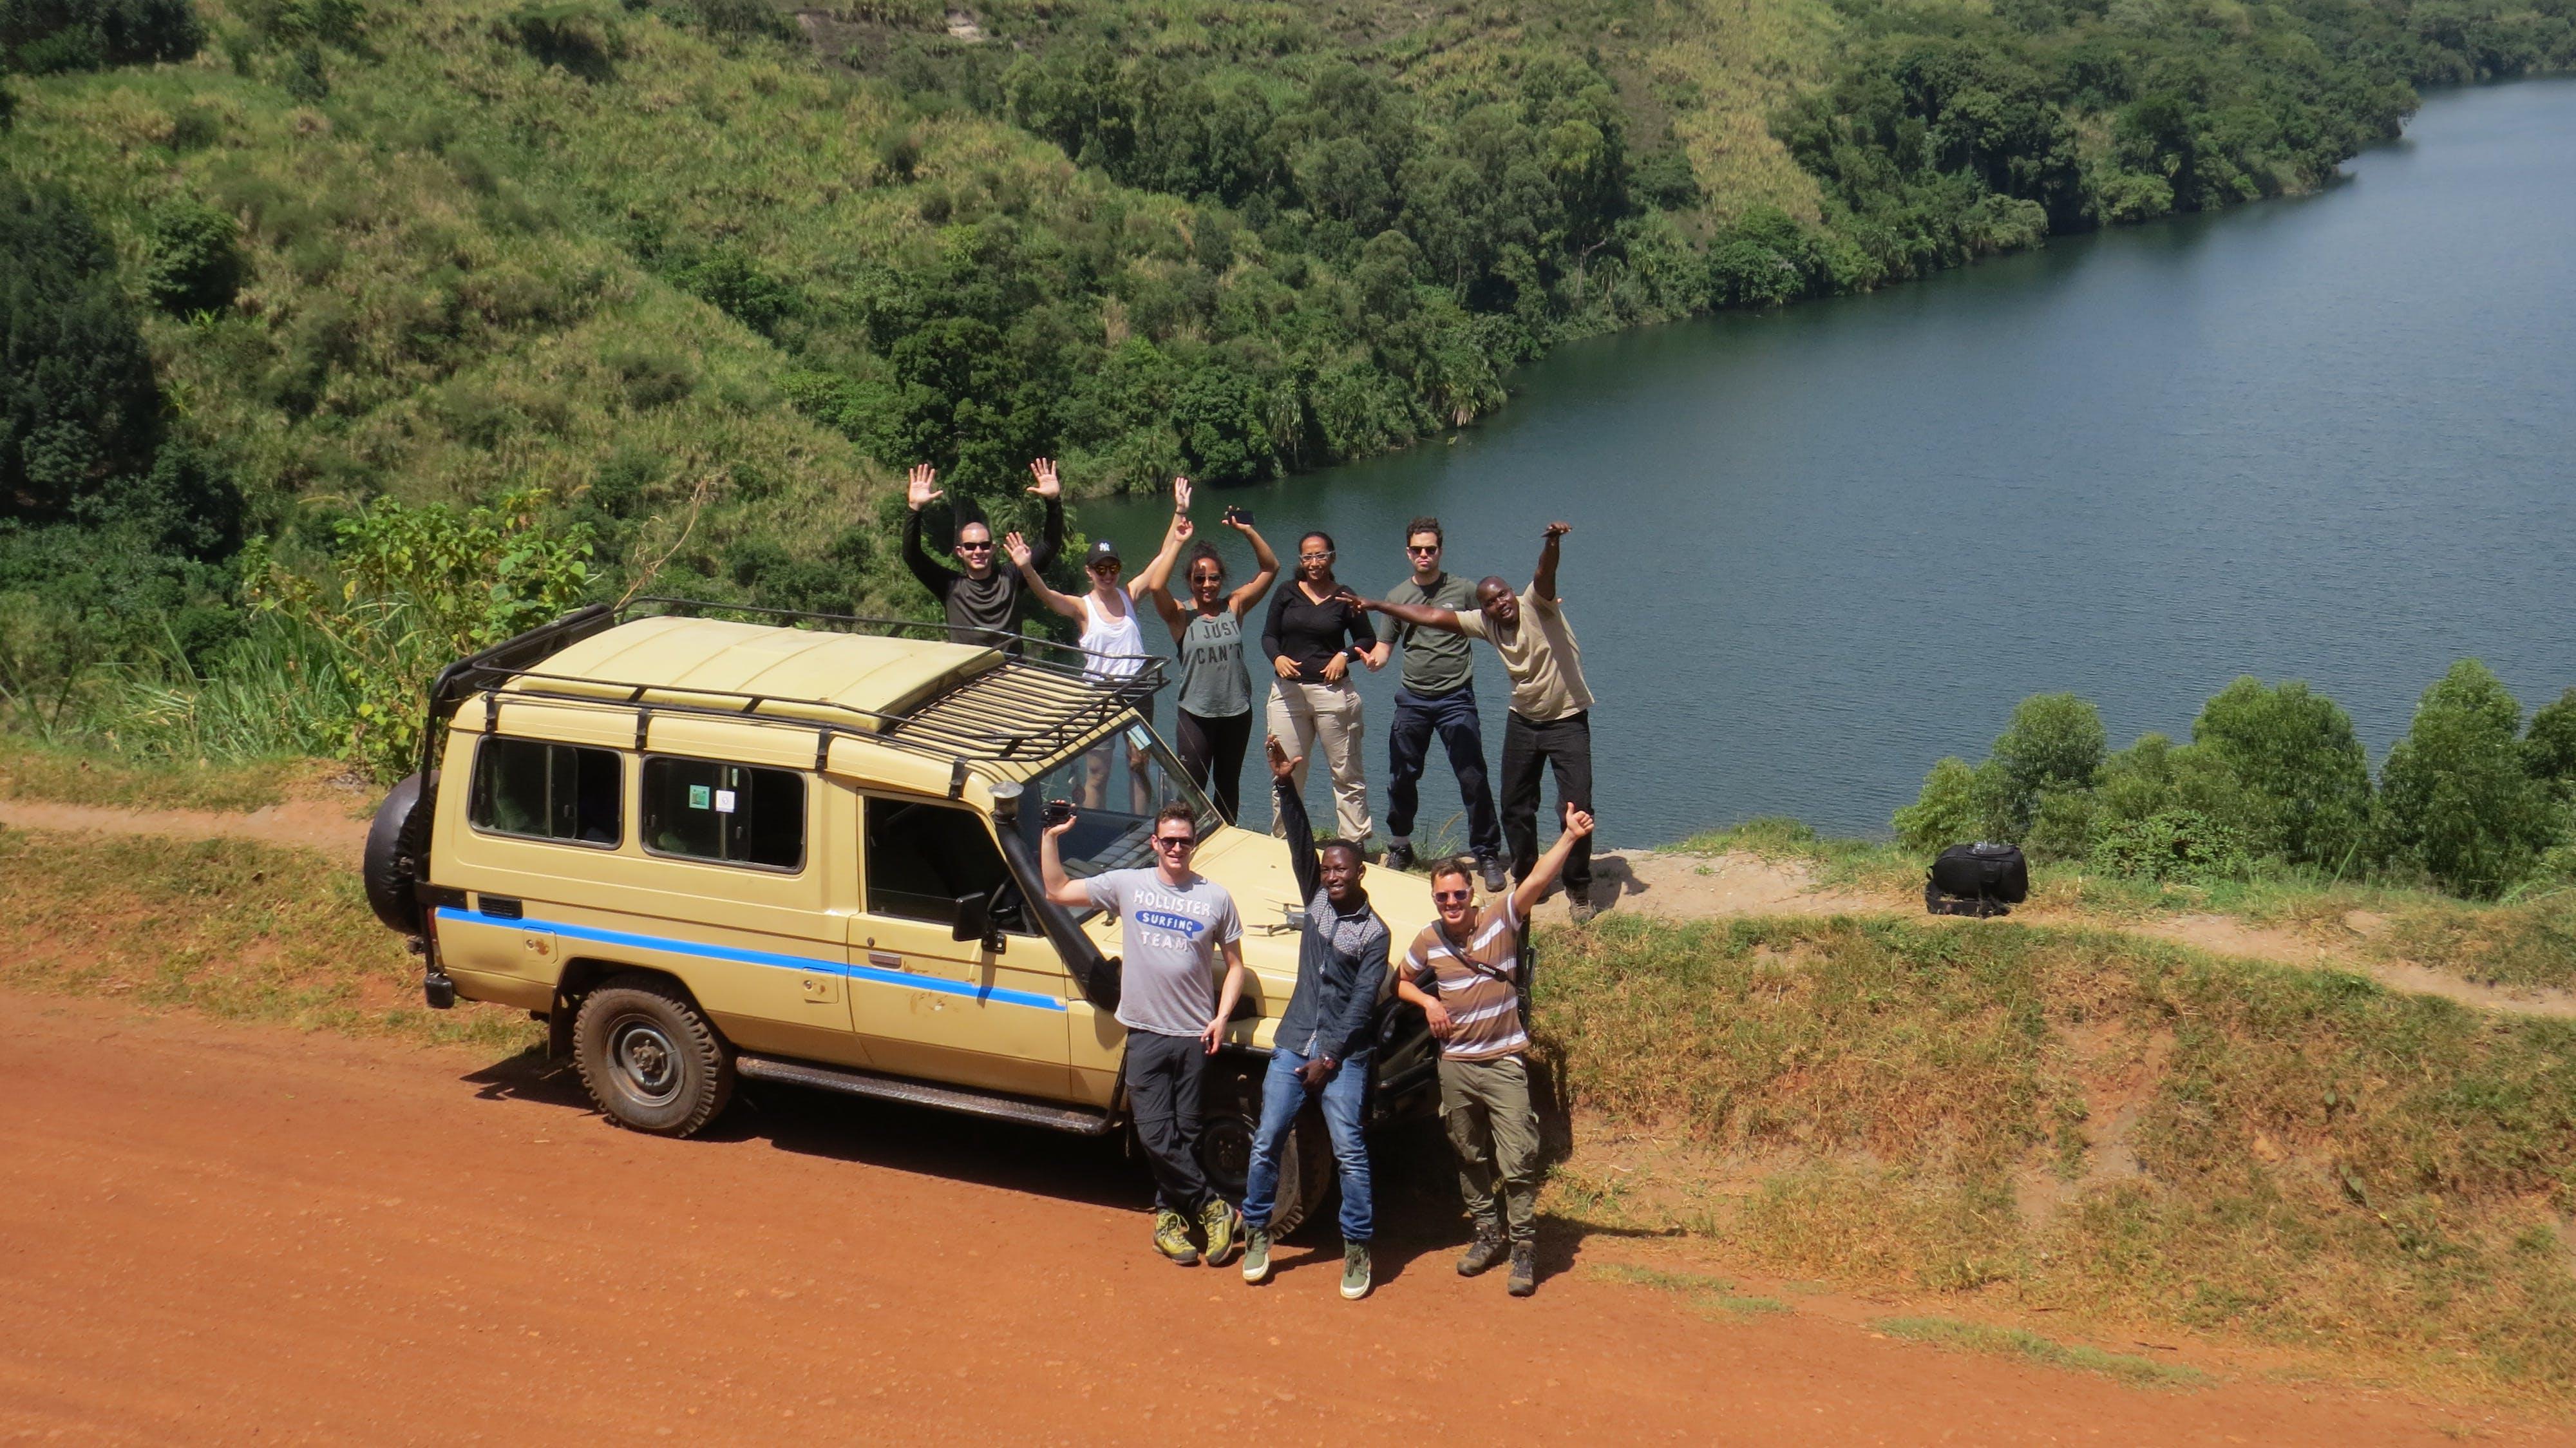 Δωρεάν στοκ φωτογραφιών με Crater Lake, Αφρική, νέα ομάδα, ουγκάντα